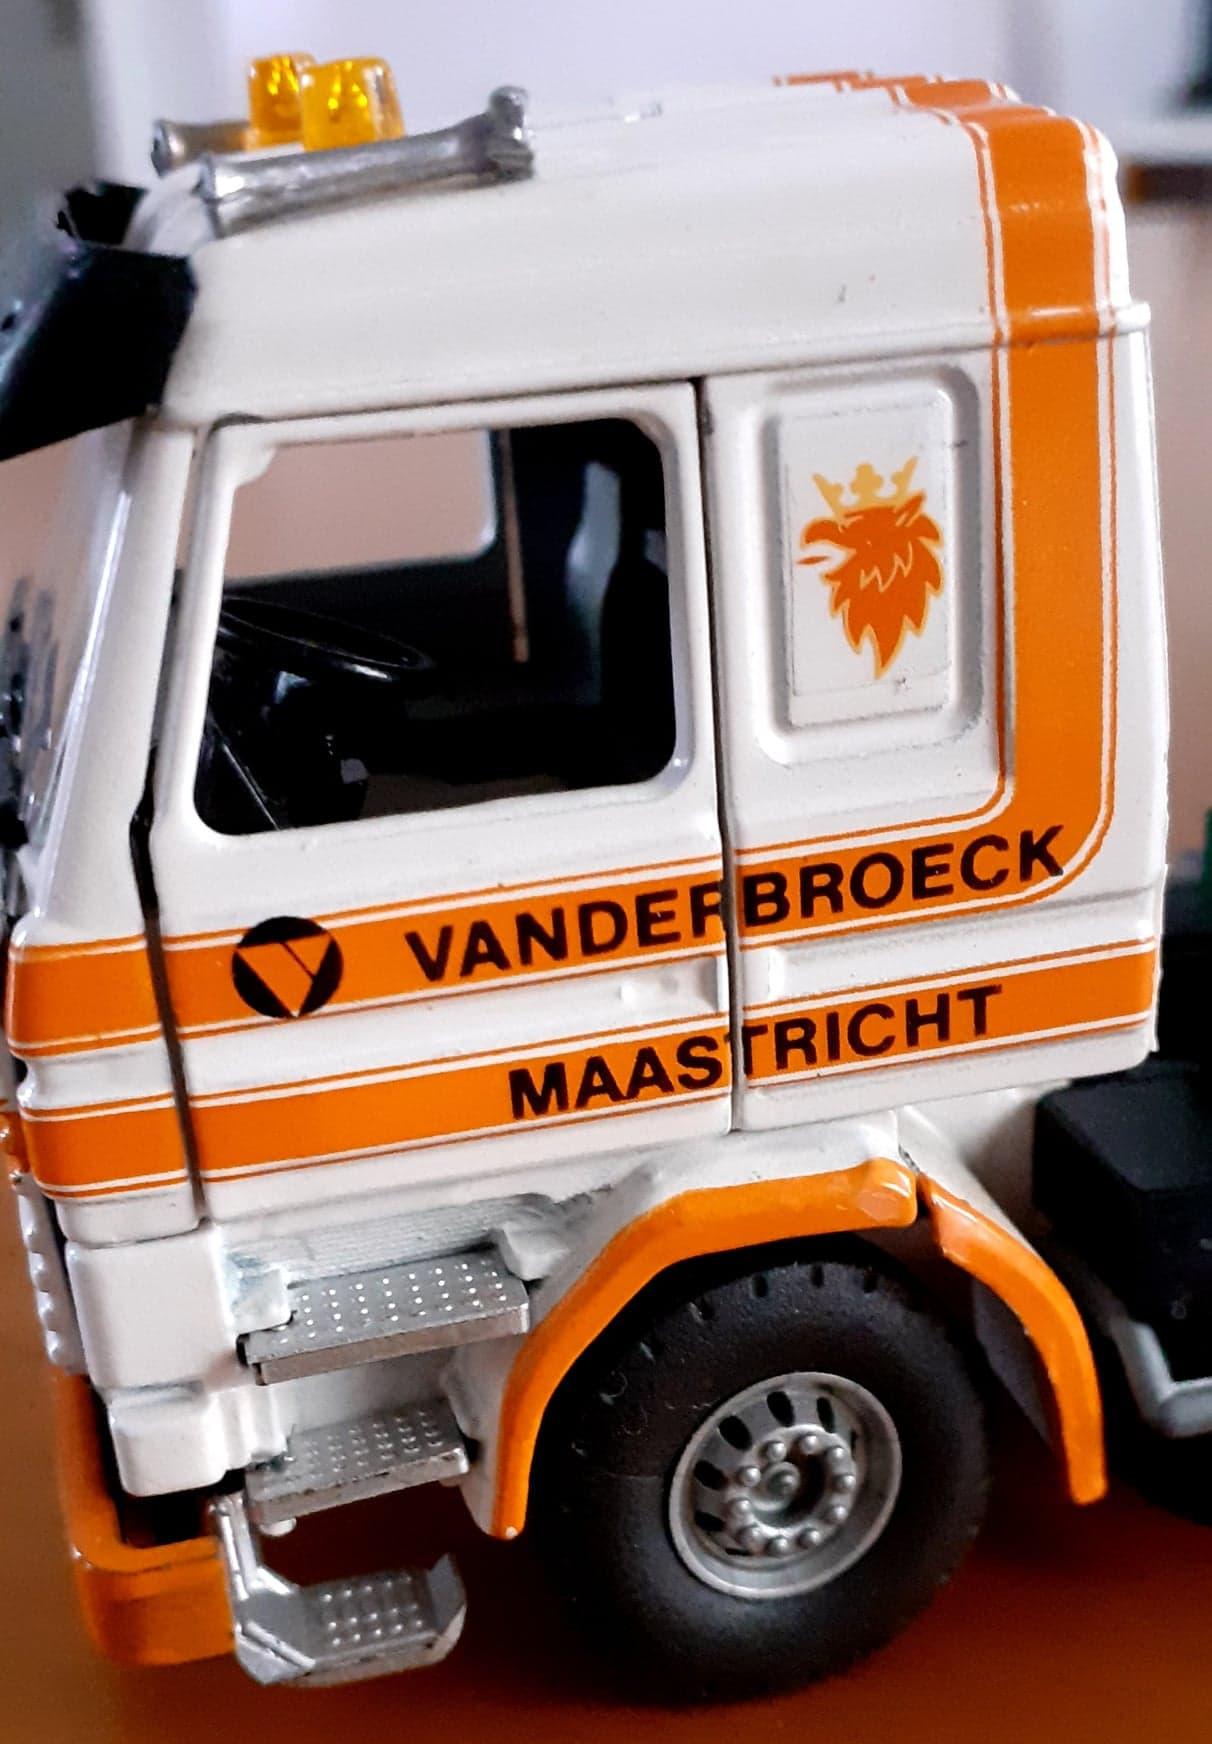 Vanderbroeck-Xavier-Walstock-heeft-deze-modellen-bewerkt-(11)